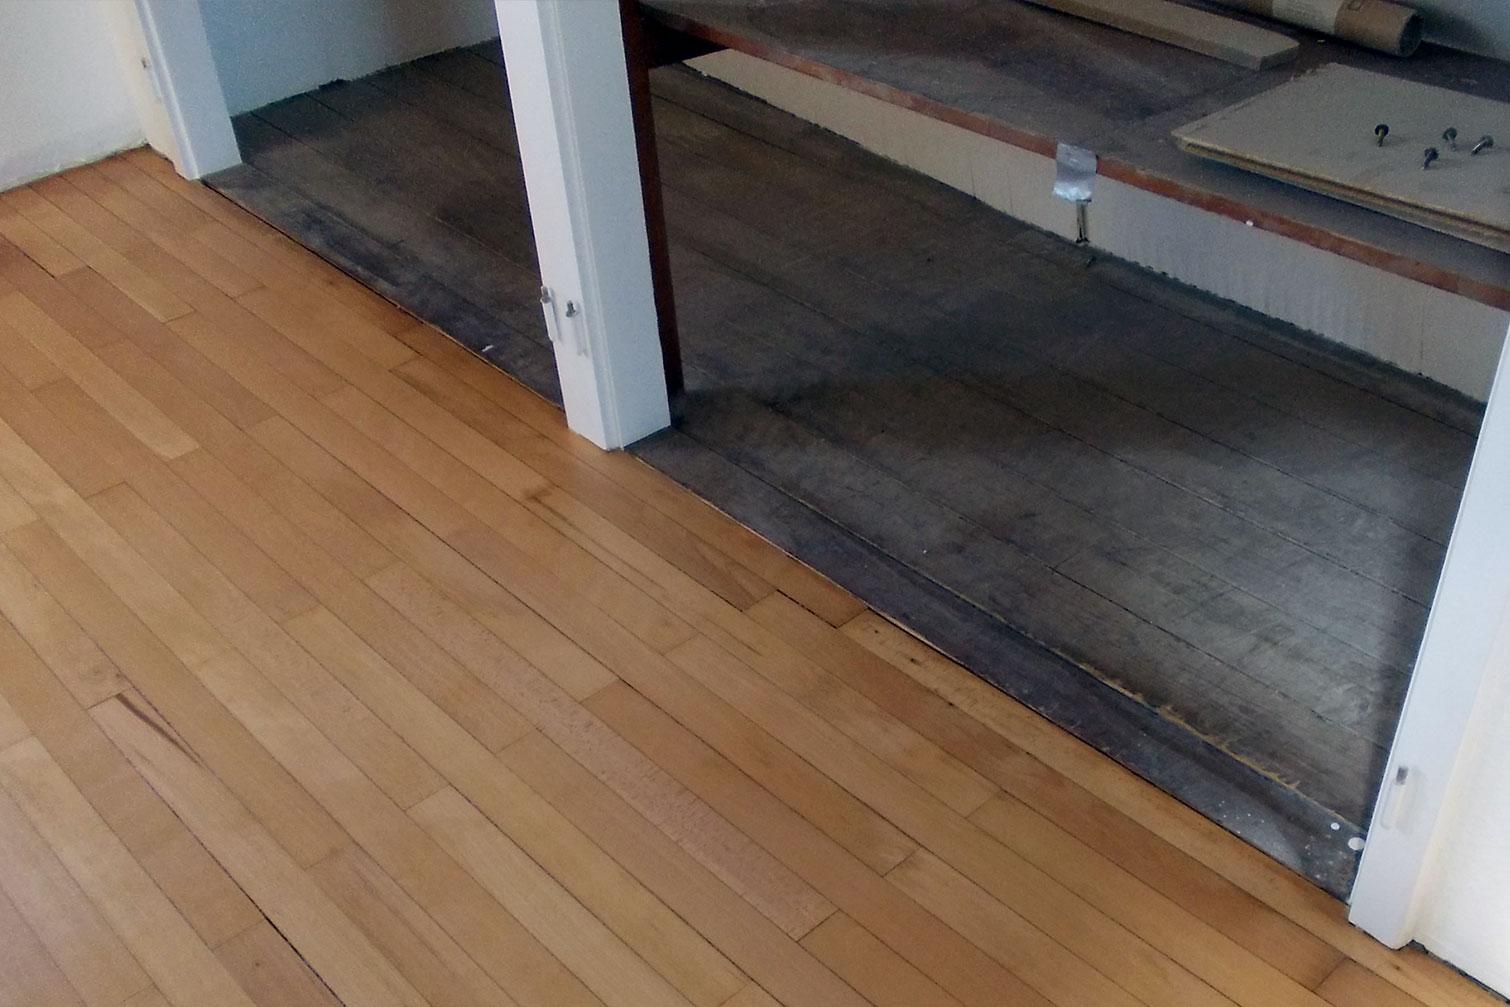 parkett abschleifen und versiegeln parkett kappel. Black Bedroom Furniture Sets. Home Design Ideas